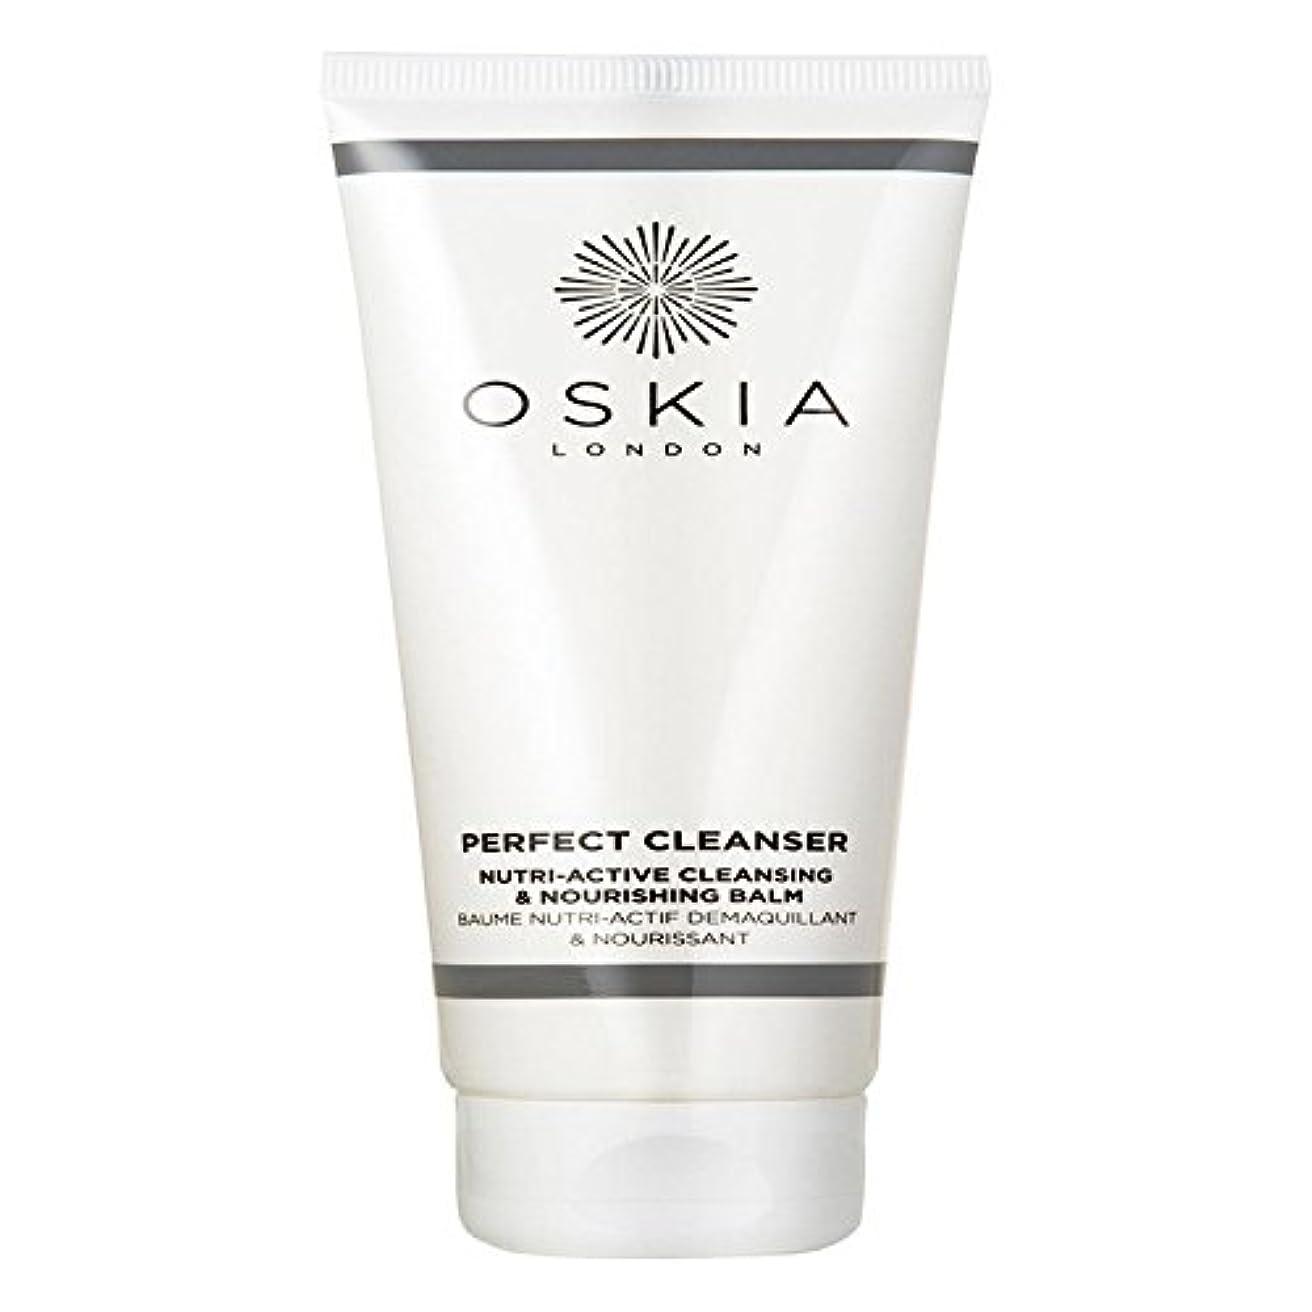 暗記する縞模様のやめる完璧なクレンザー125ミリリットル x4 - OSKIA Perfect Cleanser 125ml (Pack of 4) [並行輸入品]